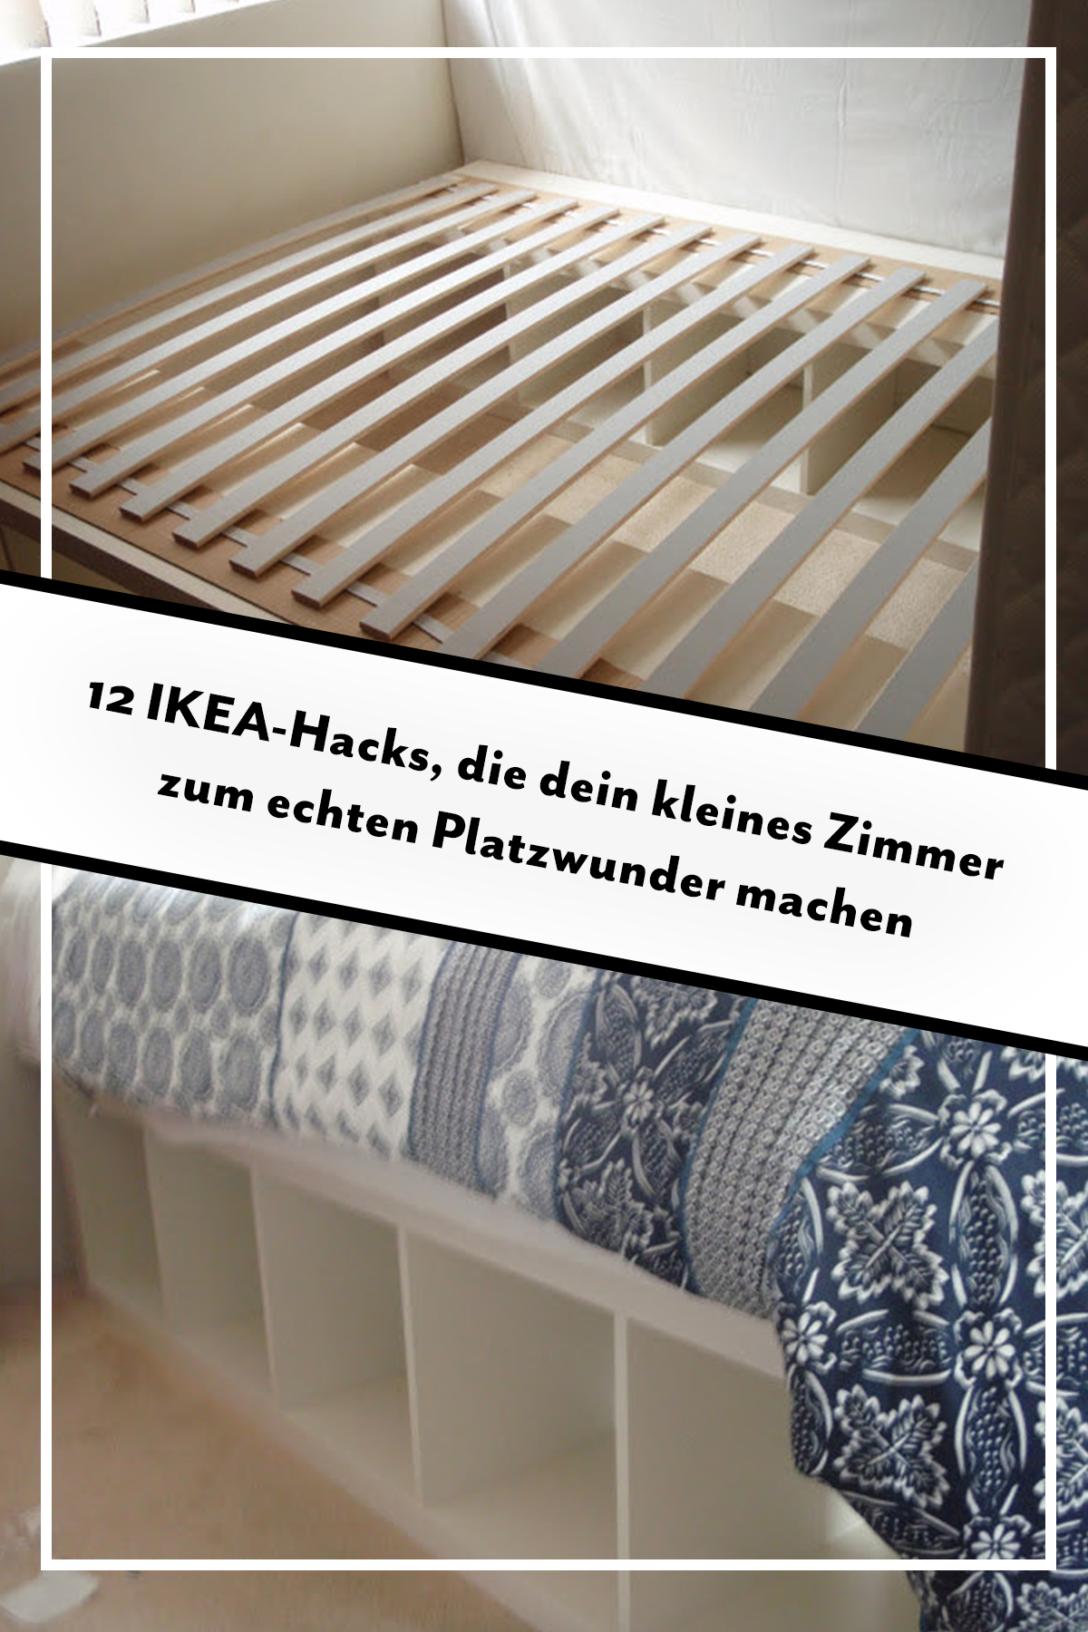 Large Size of 12 Ikea Hacks Betten 160x200 Miniküche Küche Kosten Kaufen Bei Aufbewahrungsbehälter Modulküche Sofa Mit Schlaffunktion Aufbewahrung Aufbewahrungsbox Wohnzimmer Ikea Hacks Aufbewahrung